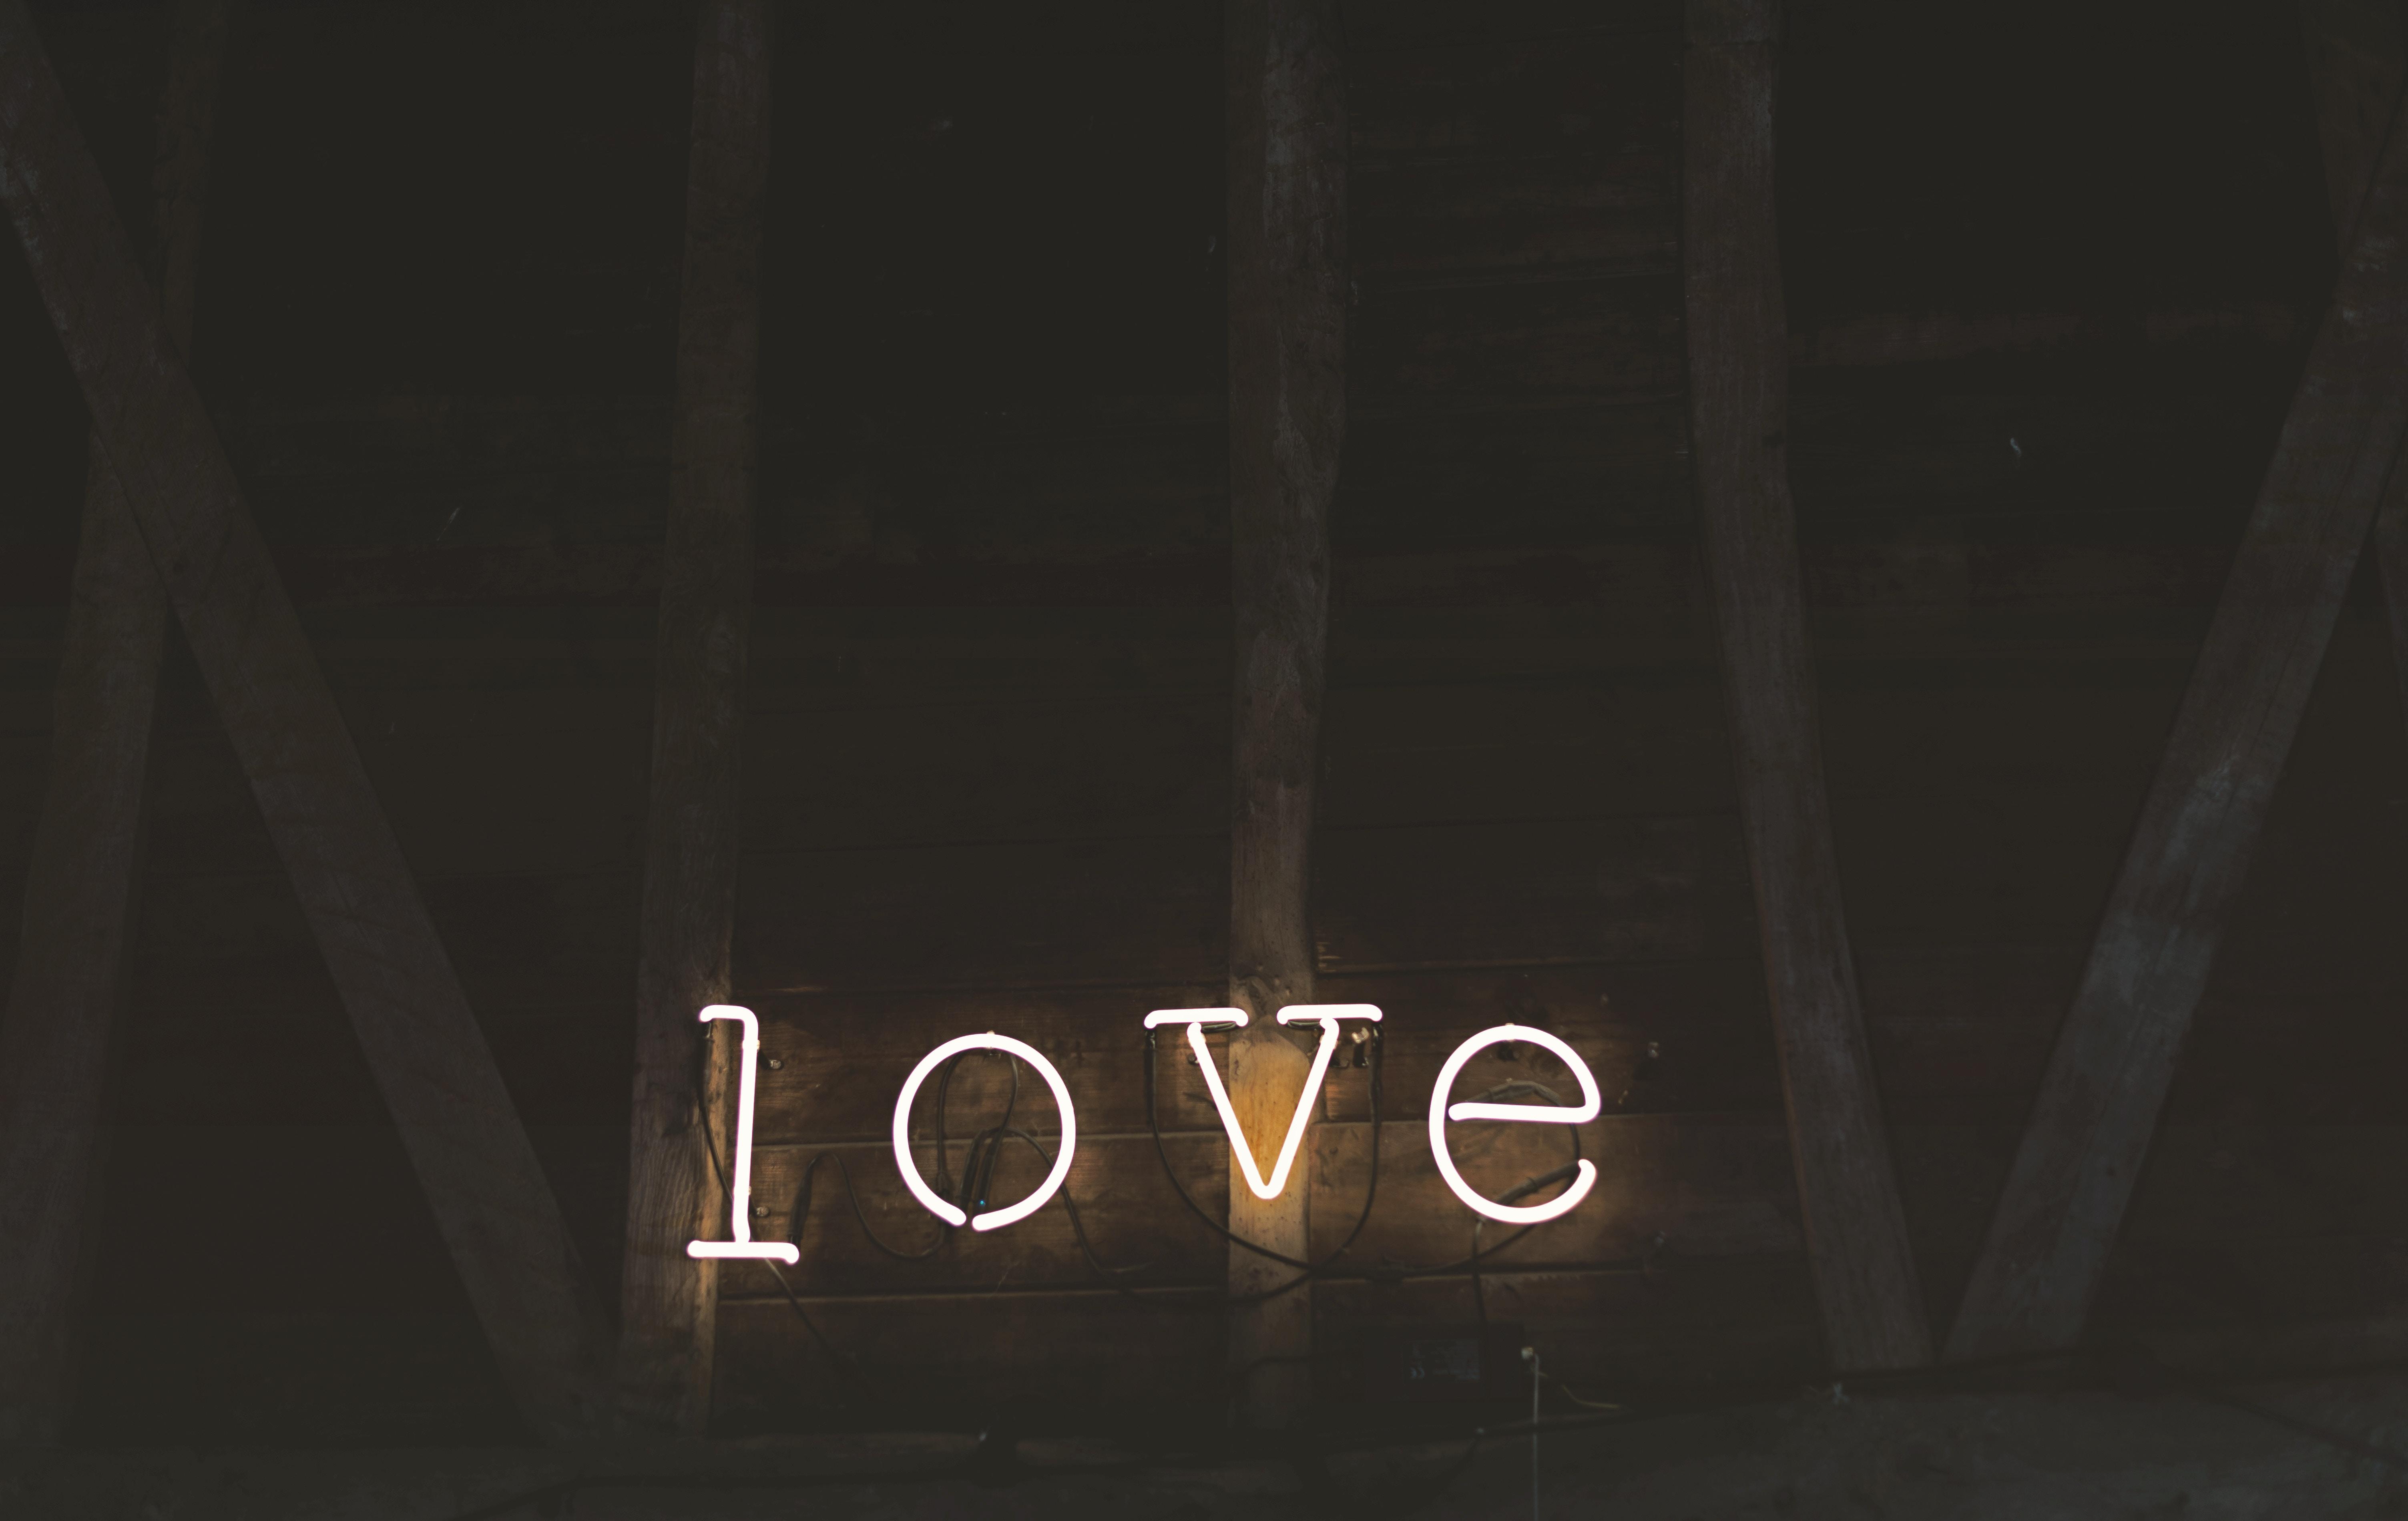 Ta yêu nhau bình yên hôm nay thôi, chuyện ngày mai để mai tính - Ảnh 2.